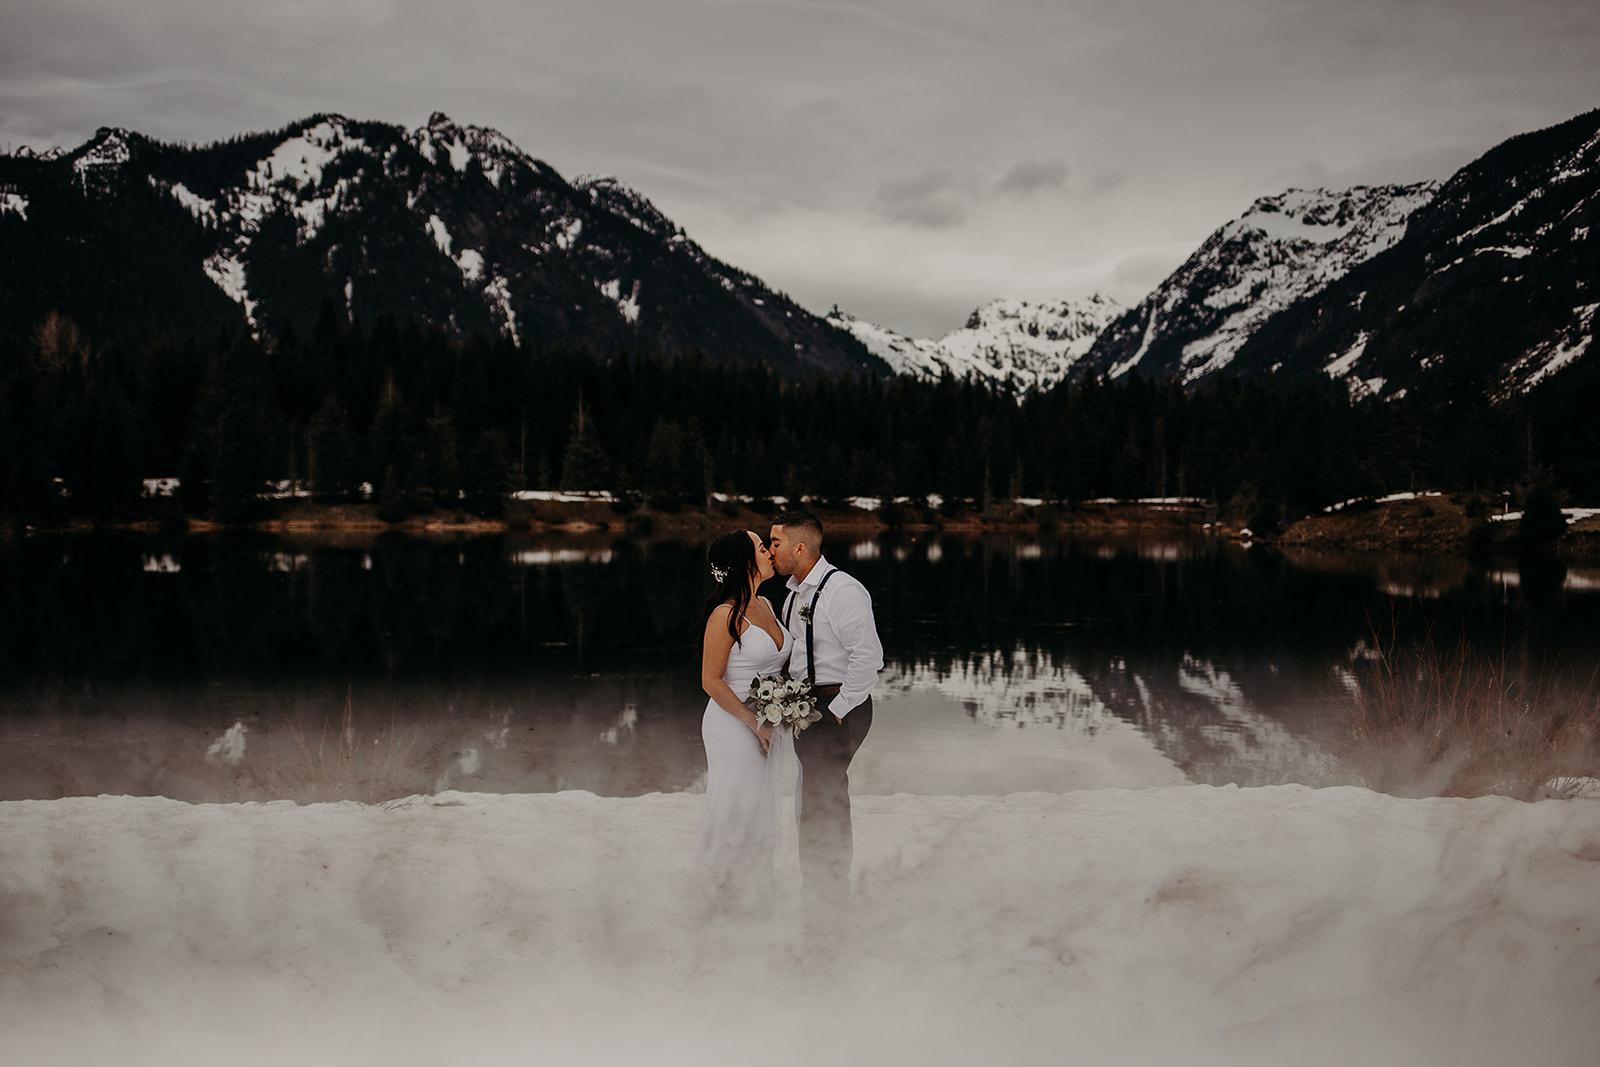 winter-mountain-elopement-asheville-wedding-photographer-megan-gallagher-photographer (35).jpg